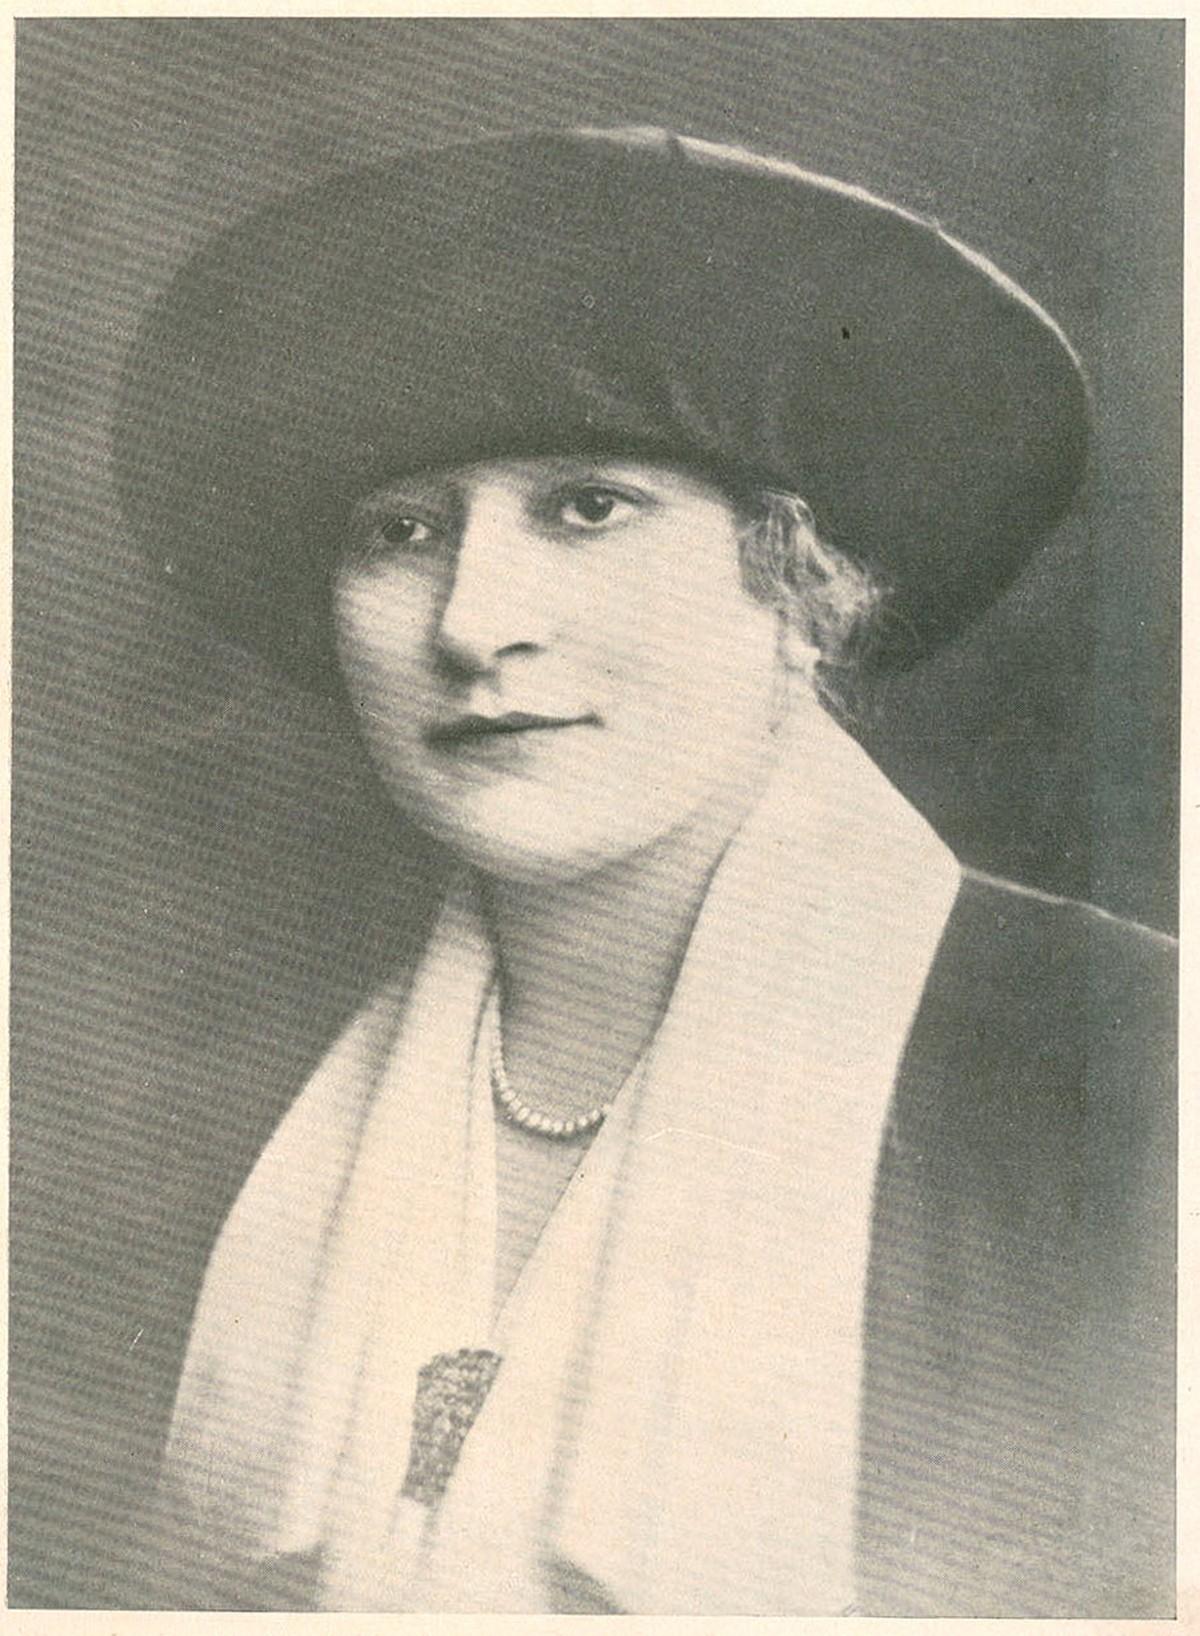 Retrato da actriz portuguesa Palmira Bastos, nome artístico de Maria da Conceição Martínez de Sousa Bastos.